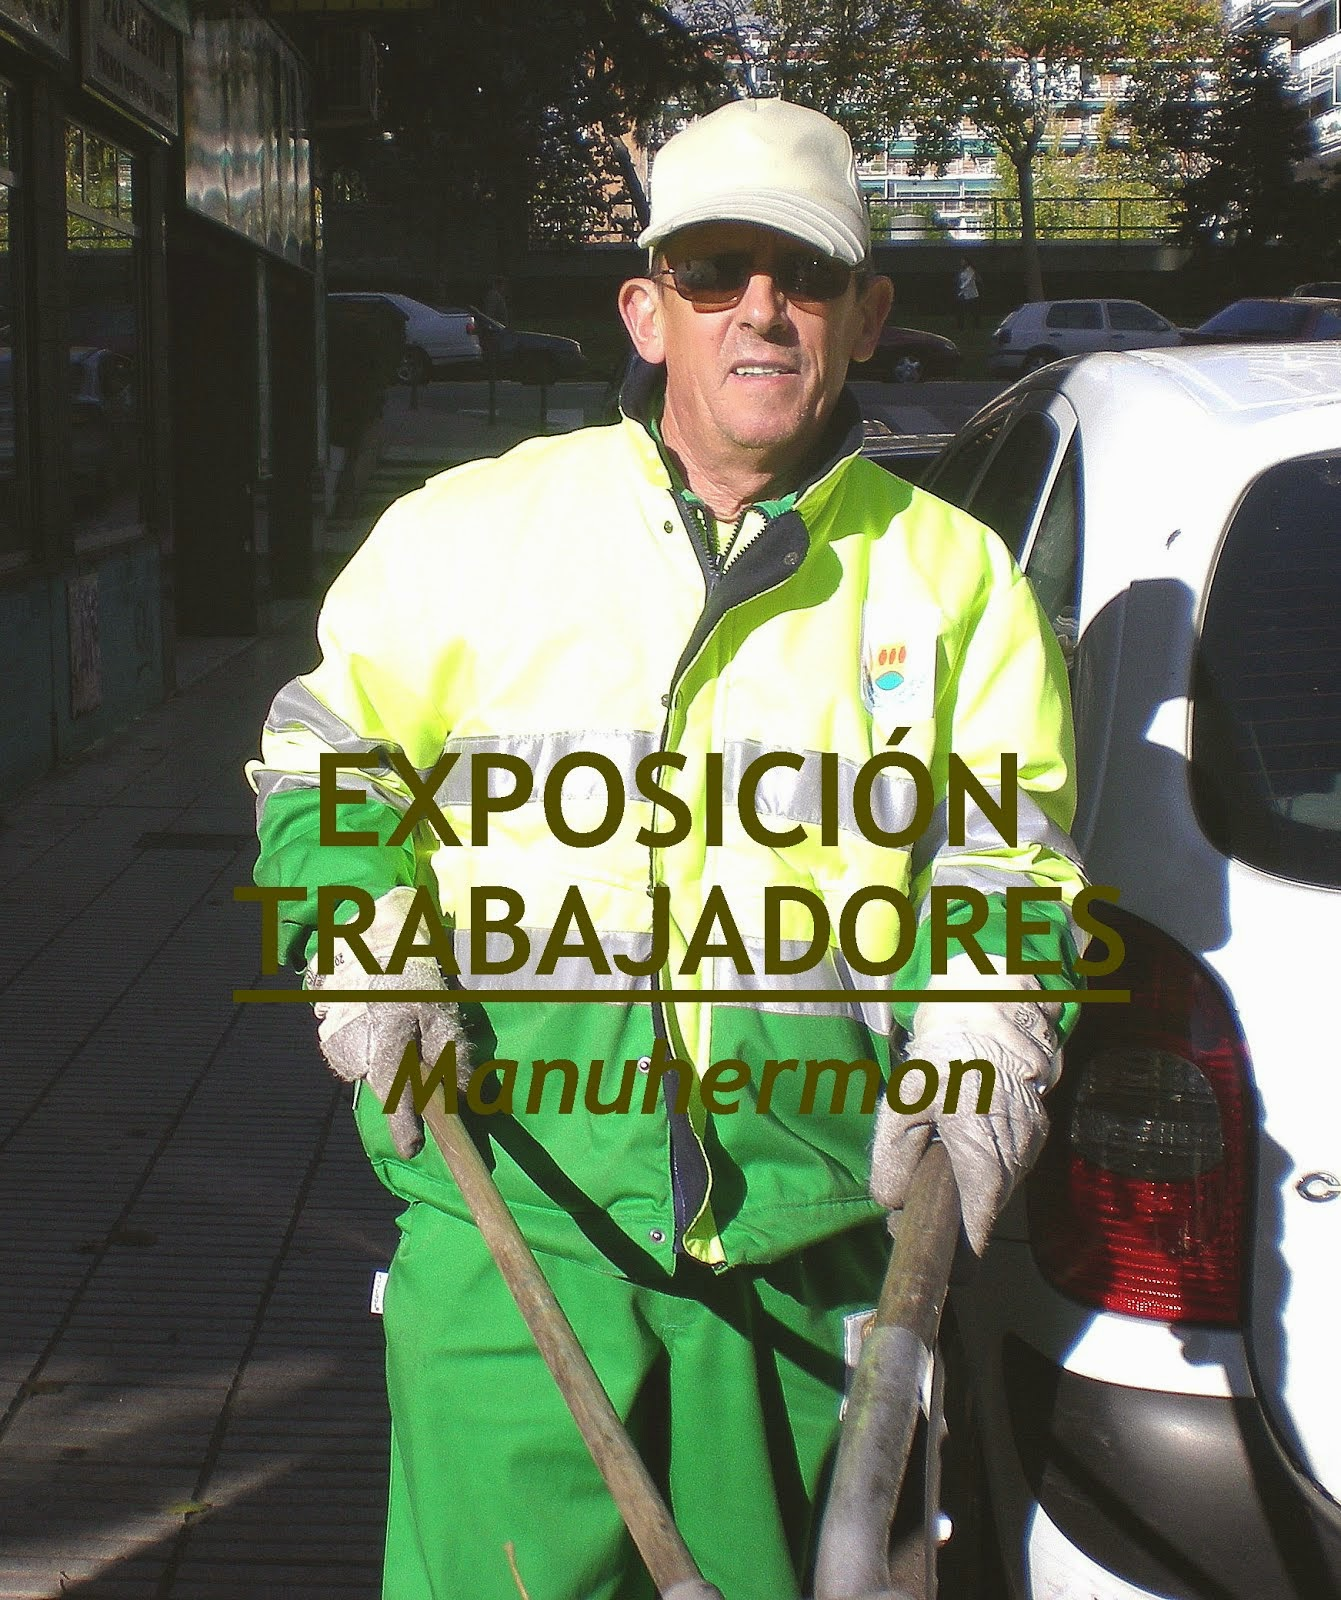 EXPOSICIÓN EN EL ATENEO ALCORCÓN. MANUHERMON